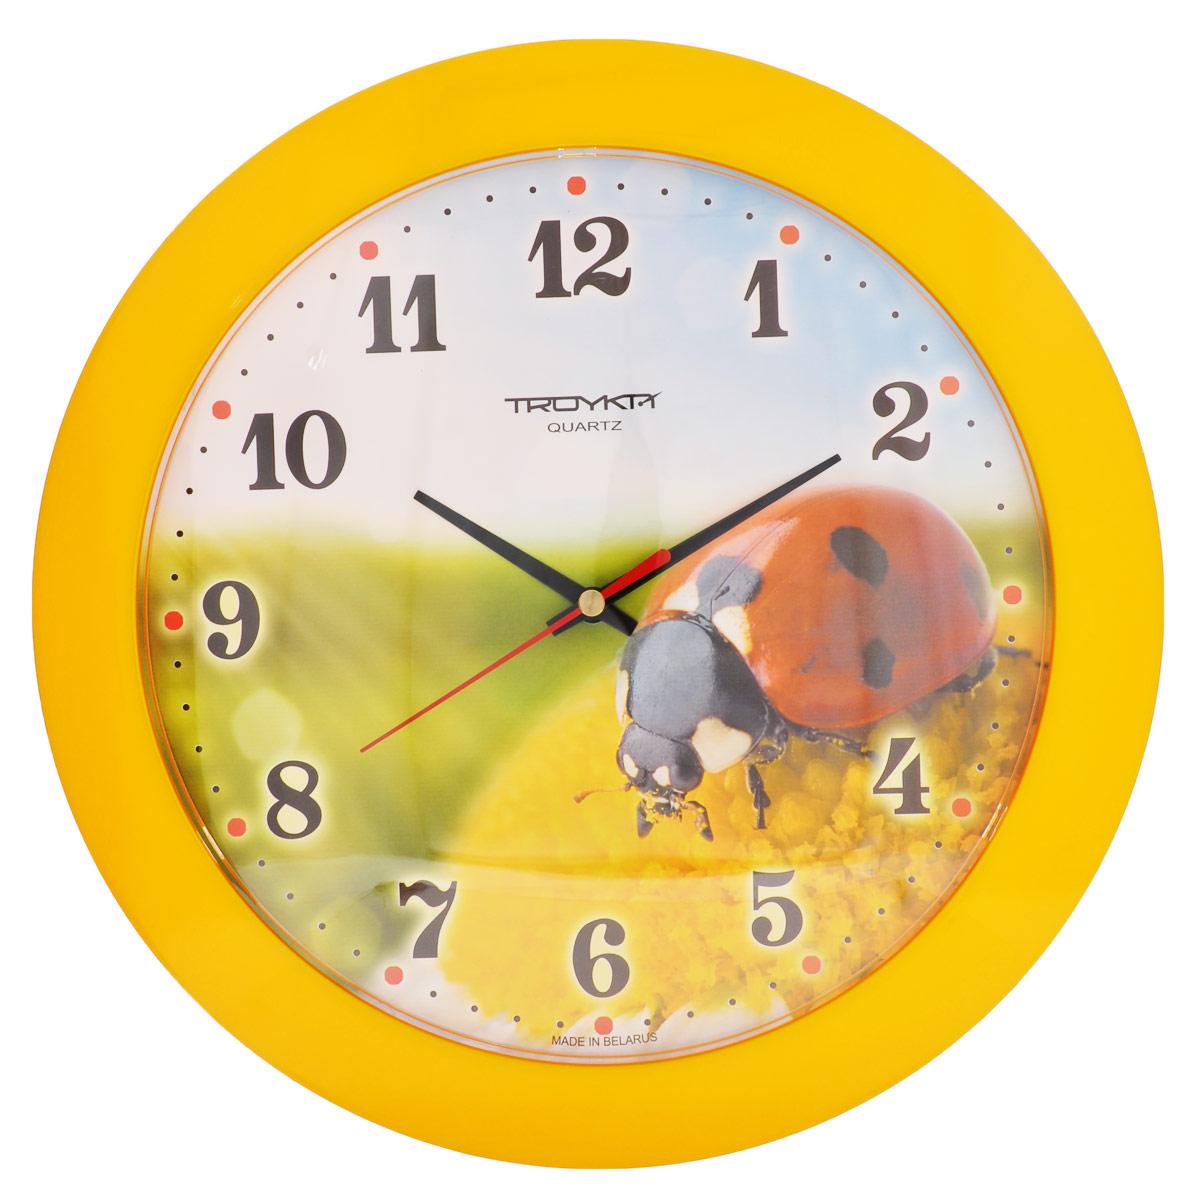 Часы настенные Troyka Божья коровка, цвет: красный, желтый, зеленый. 5155052251550522Настенные кварцевые часы Troyka Божья коровка, изготовленные из пластика, прекрасно подойдут под интерьер вашего дома. Круглые часы имеют три стрелки: часовую, минутную и секундную, циферблат украшен изображением божьей коровки и защищен прозрачным пластиком. Диаметр часов: 30,5 см. Часы работают от 1 батарейки типа АА напряжением 1,5 В (входит в комплект).